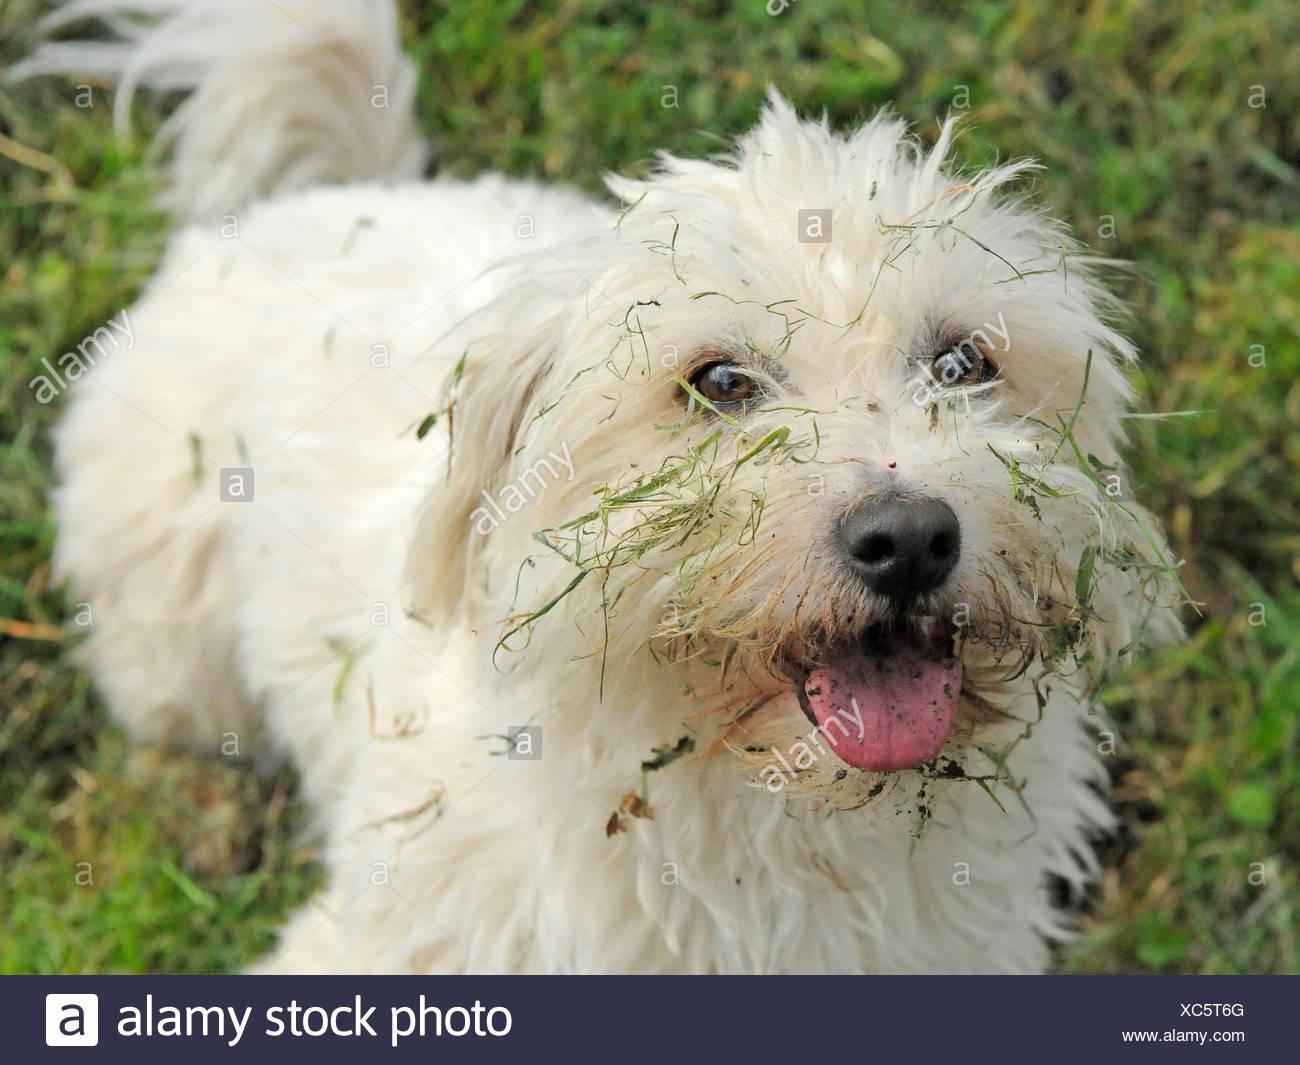 Un bichon frise blanche avec un visage boueux Photo Stock